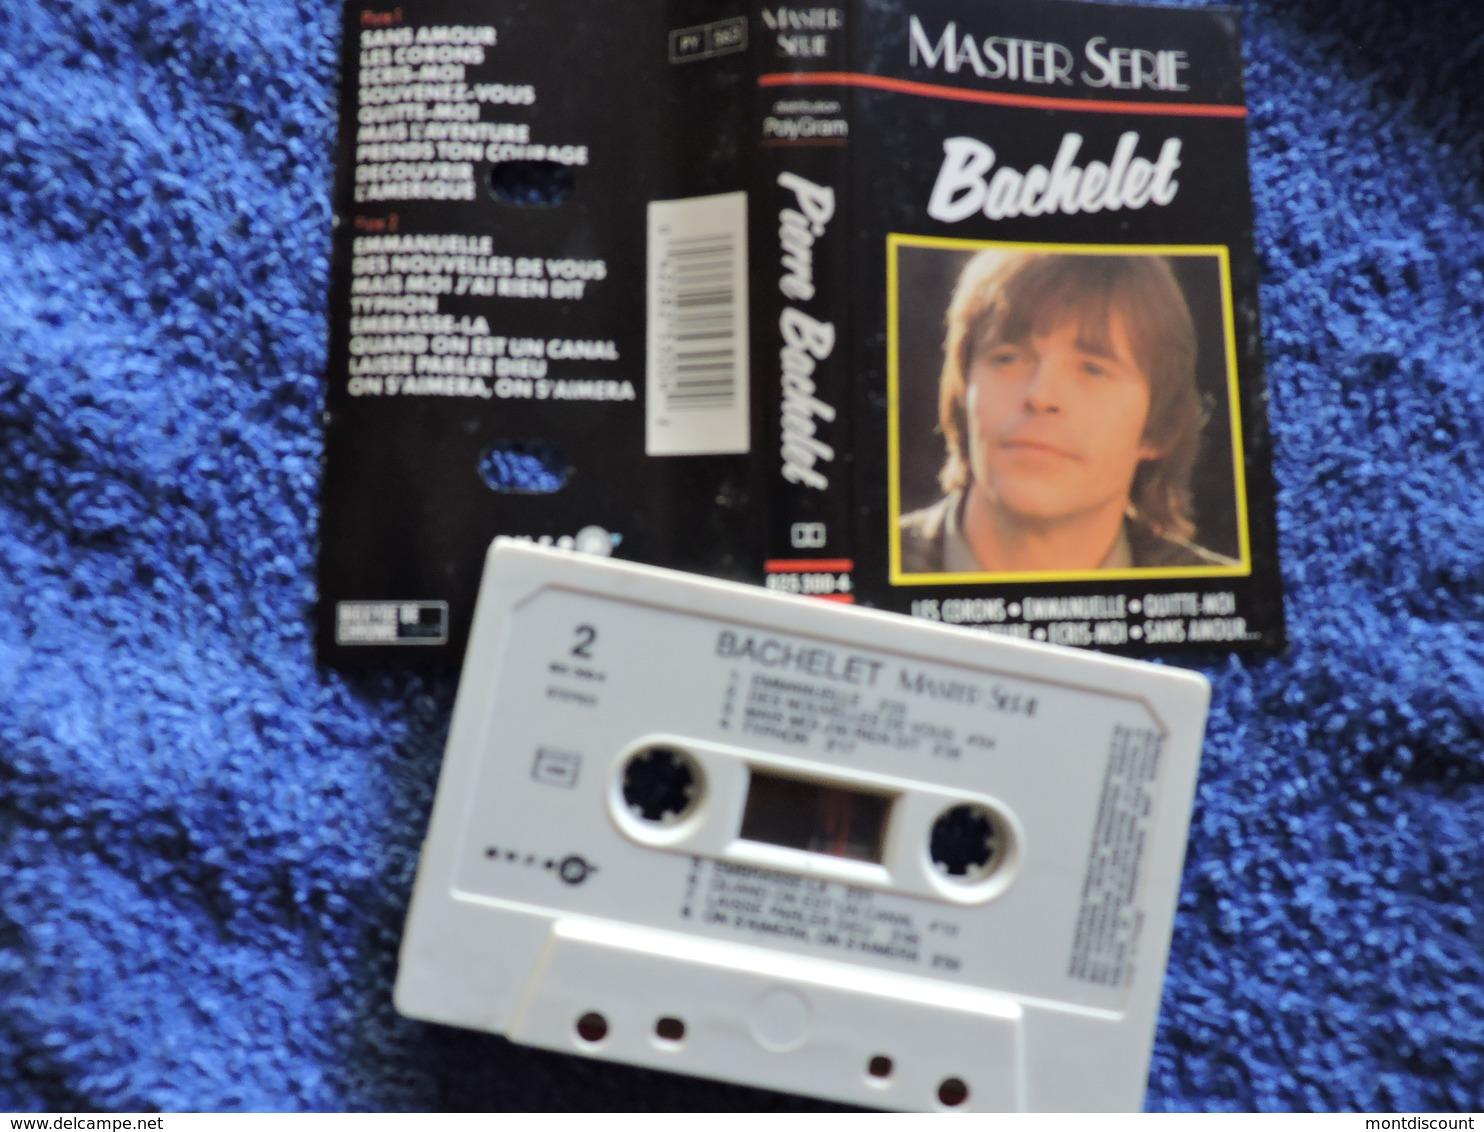 BACHELET VOIR DESCRIPTIF ET PHOTO... REGARDEZ LES AUTRES (PLUSIEURS) - Audio Tapes